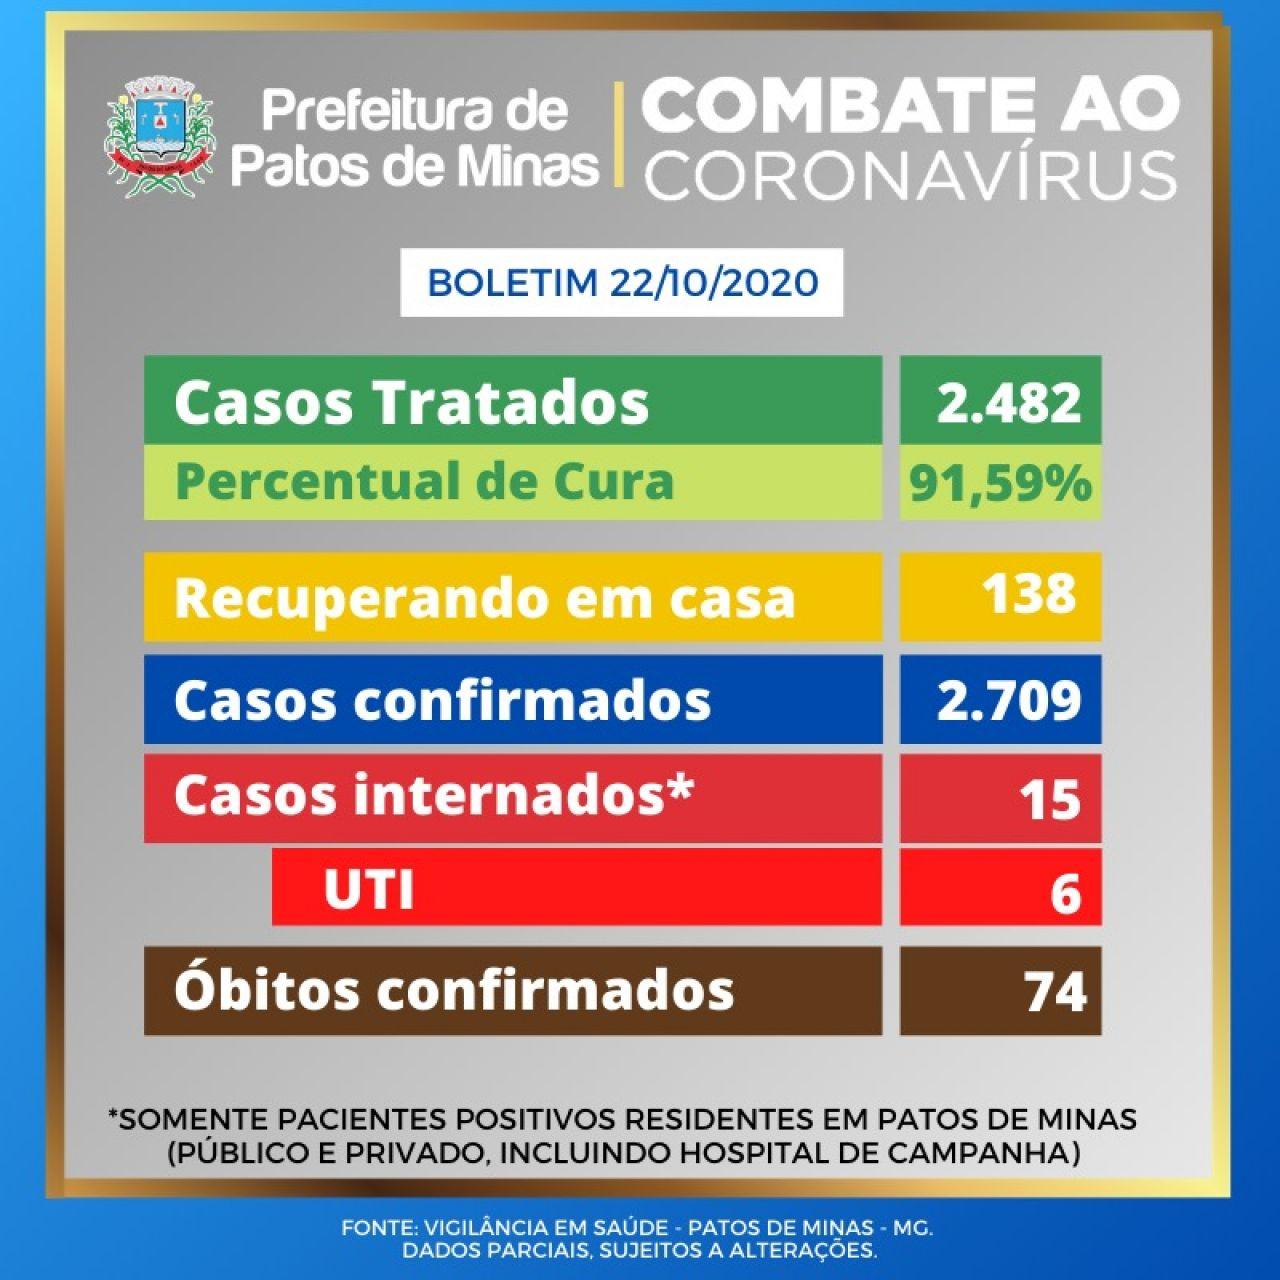 Covid-19: boletim epidemiológico informa 4 novos óbitos confirmados